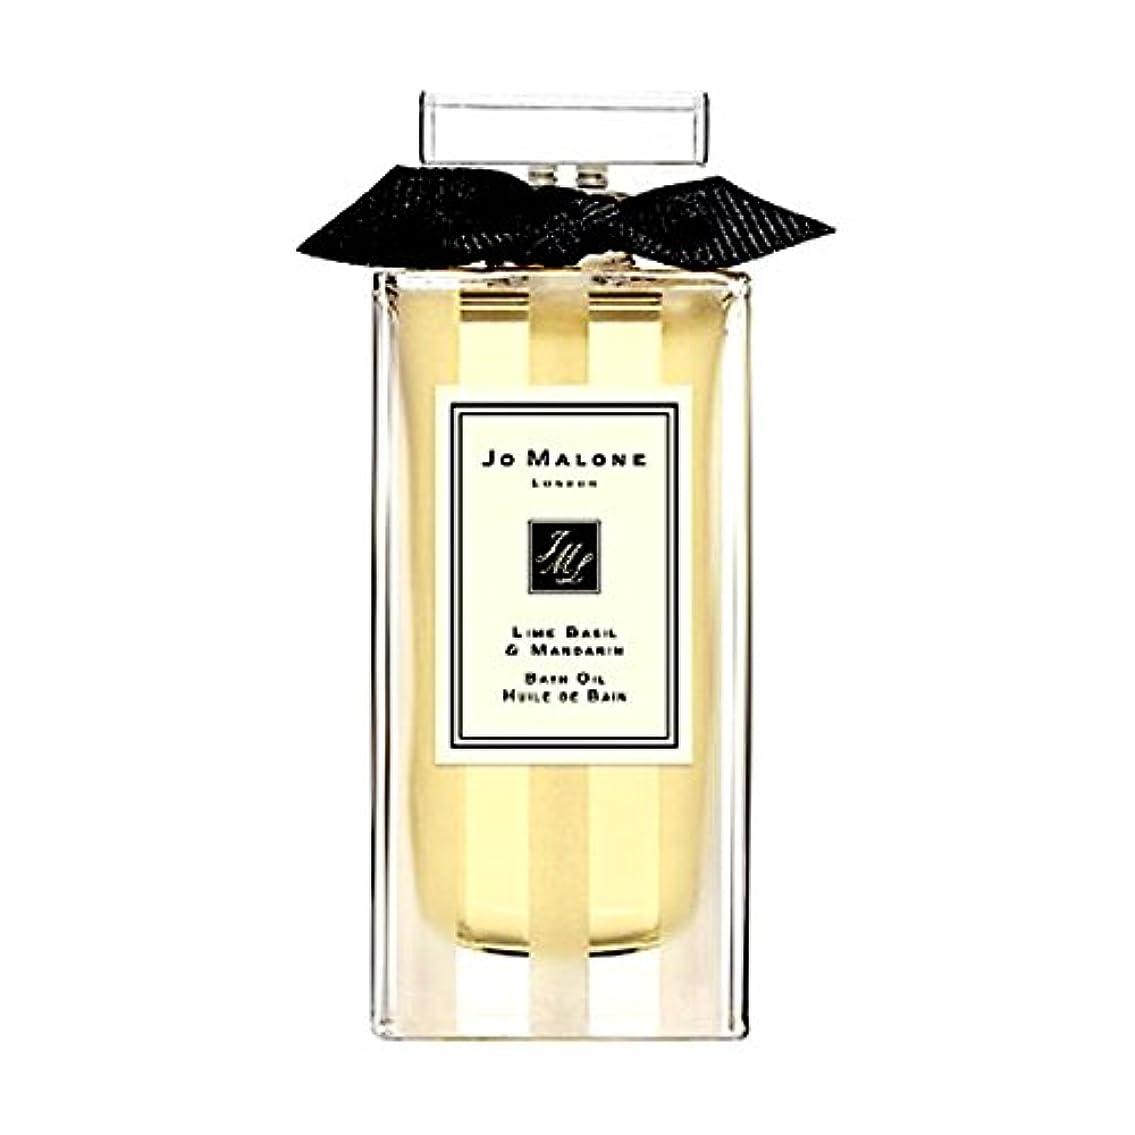 杖皮証言するJo Maloneジョーマローン, バスオイル -ライムバジル&マンダリン (30ml),' Lime Basil & Mandarin' Bath Oil (1oz) [海外直送品] [並行輸入品]